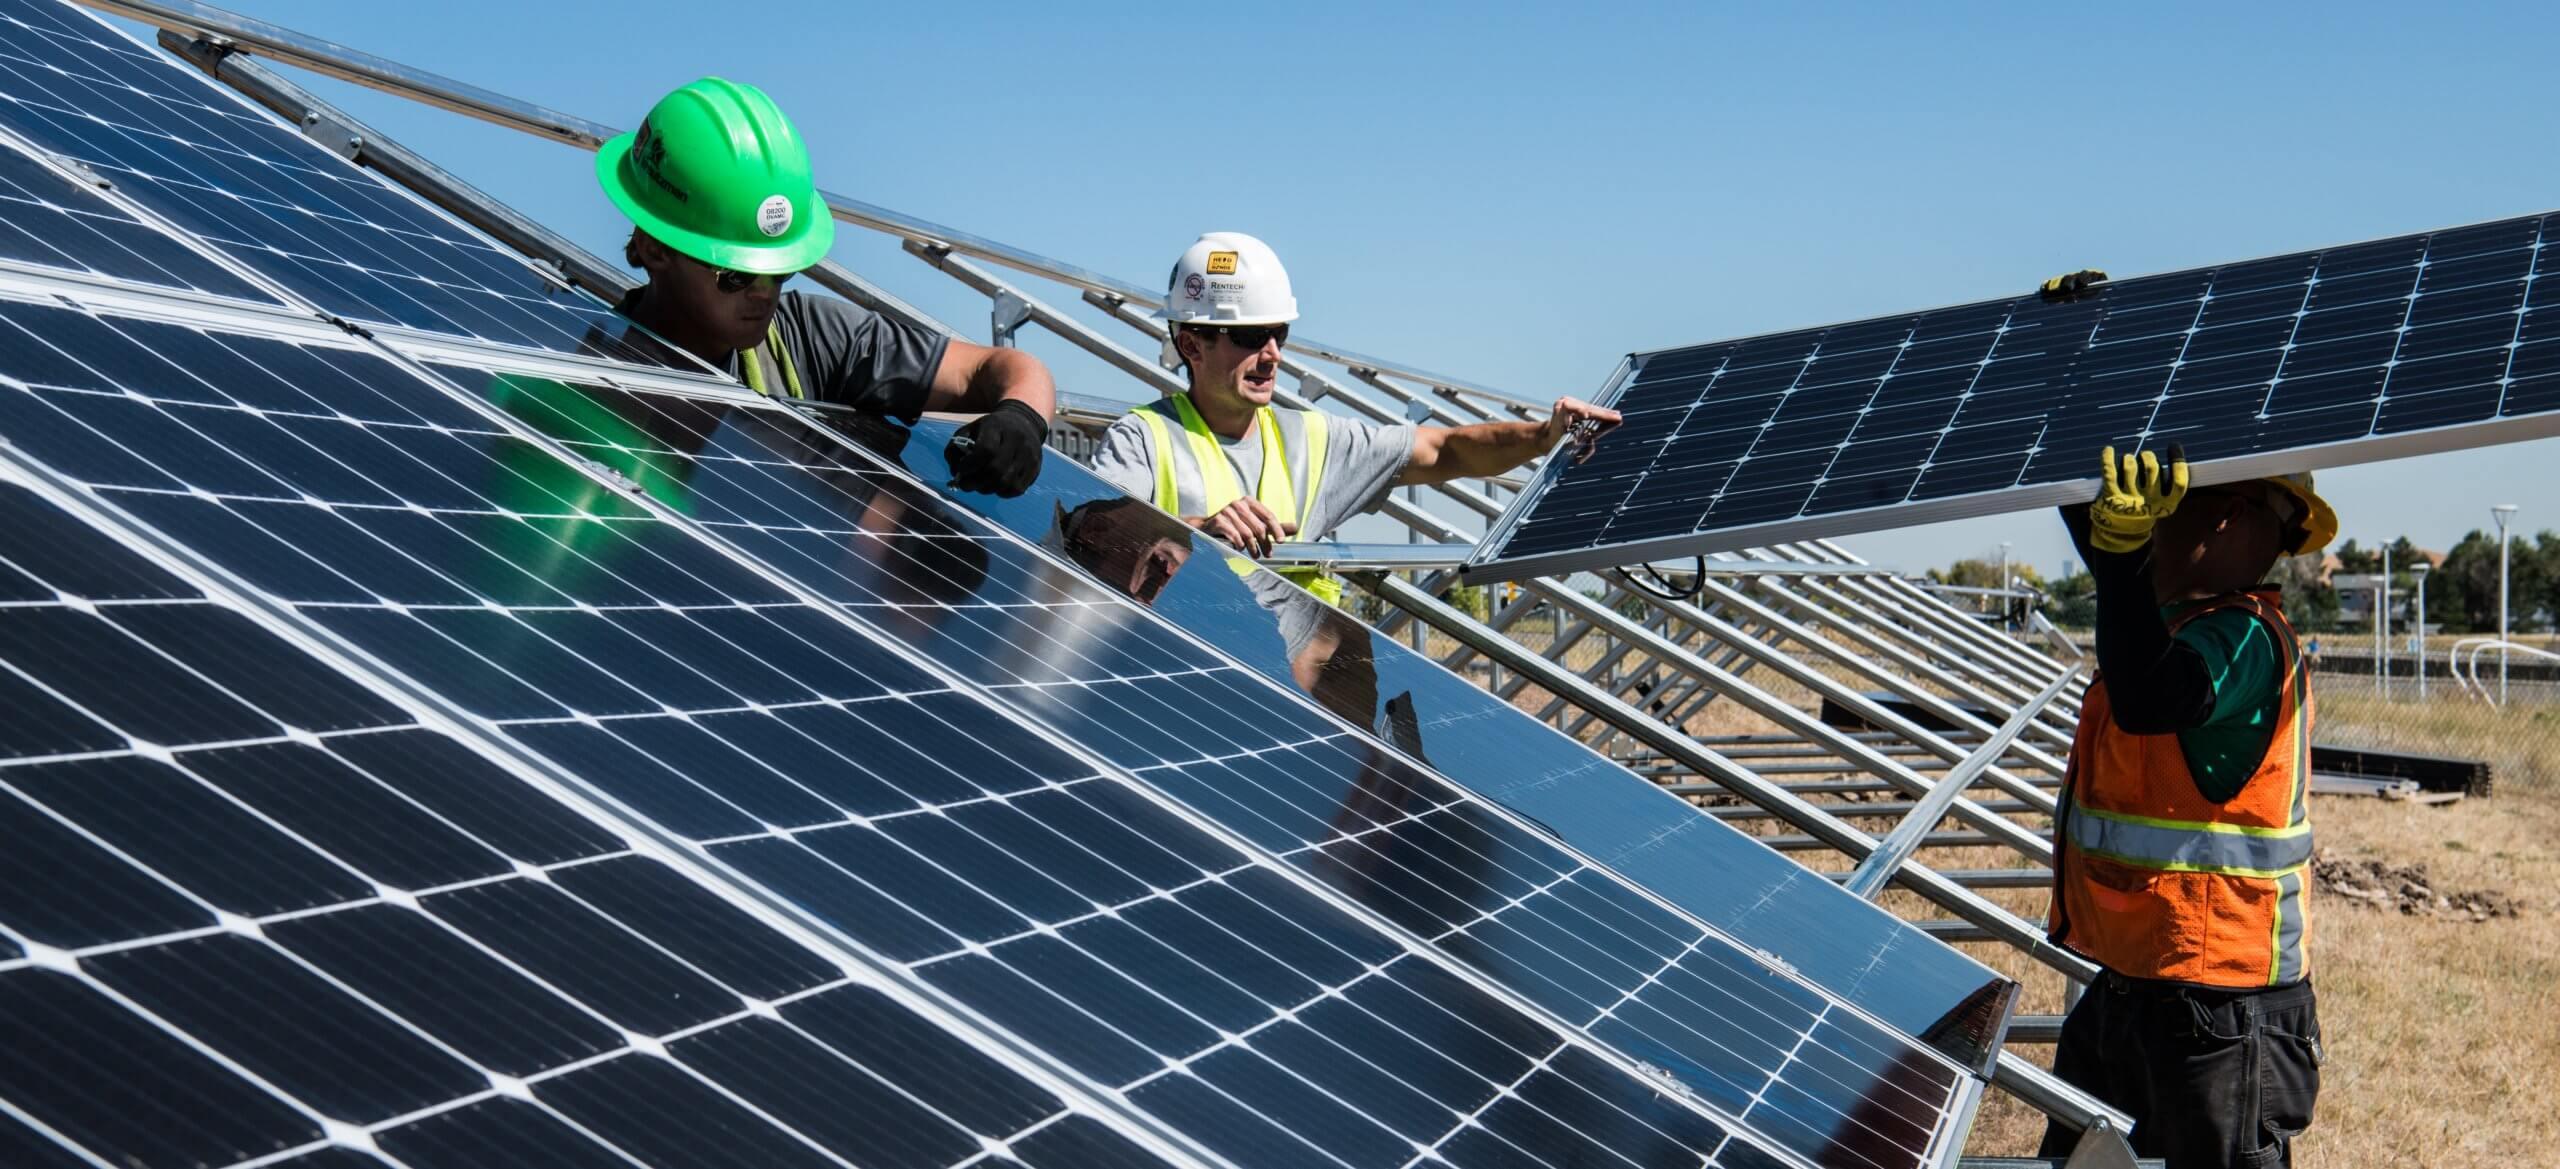 Solar Installation Contractors: Choosing the Best Installer